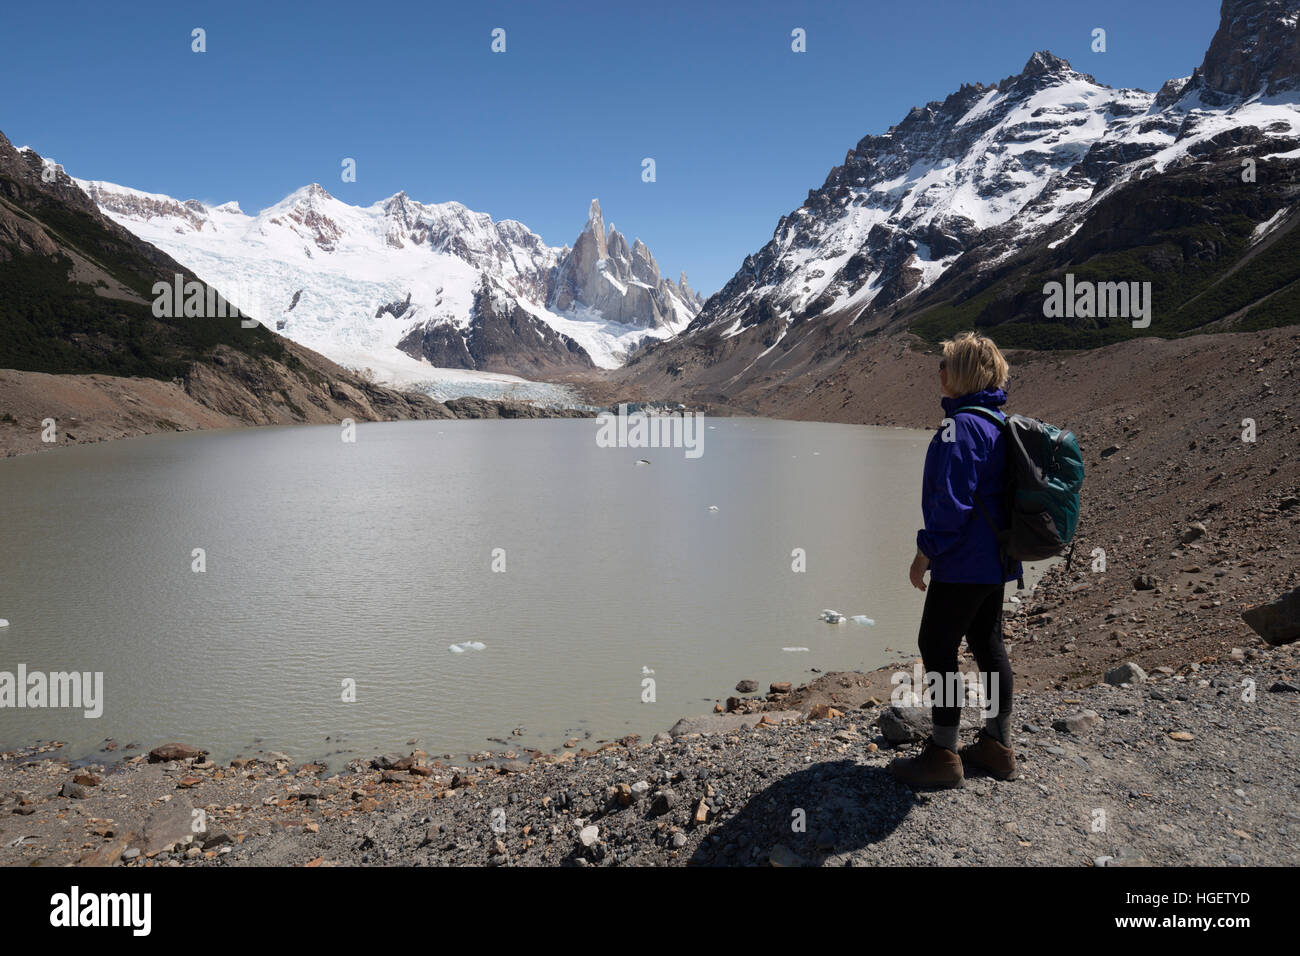 La laguna torre con vistas del cerro Torre, el chalten, Patagonia argentina, SUDAMÉRICA Imagen De Stock